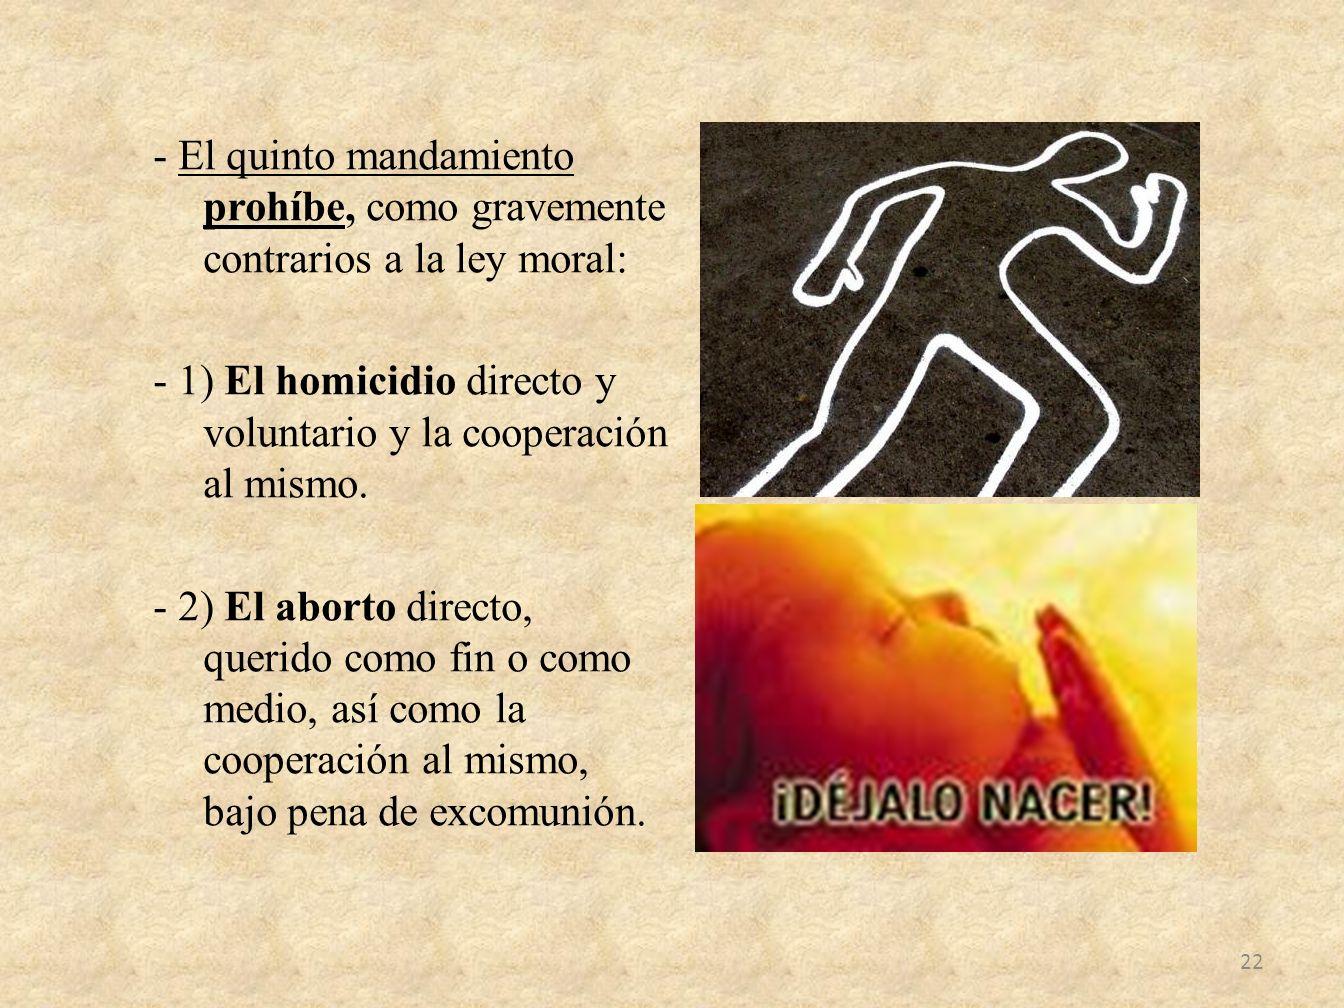 - El quinto mandamiento prohíbe, como gravemente contrarios a la ley moral: - 1) El homicidio directo y voluntario y la cooperación al mismo. - 2) El